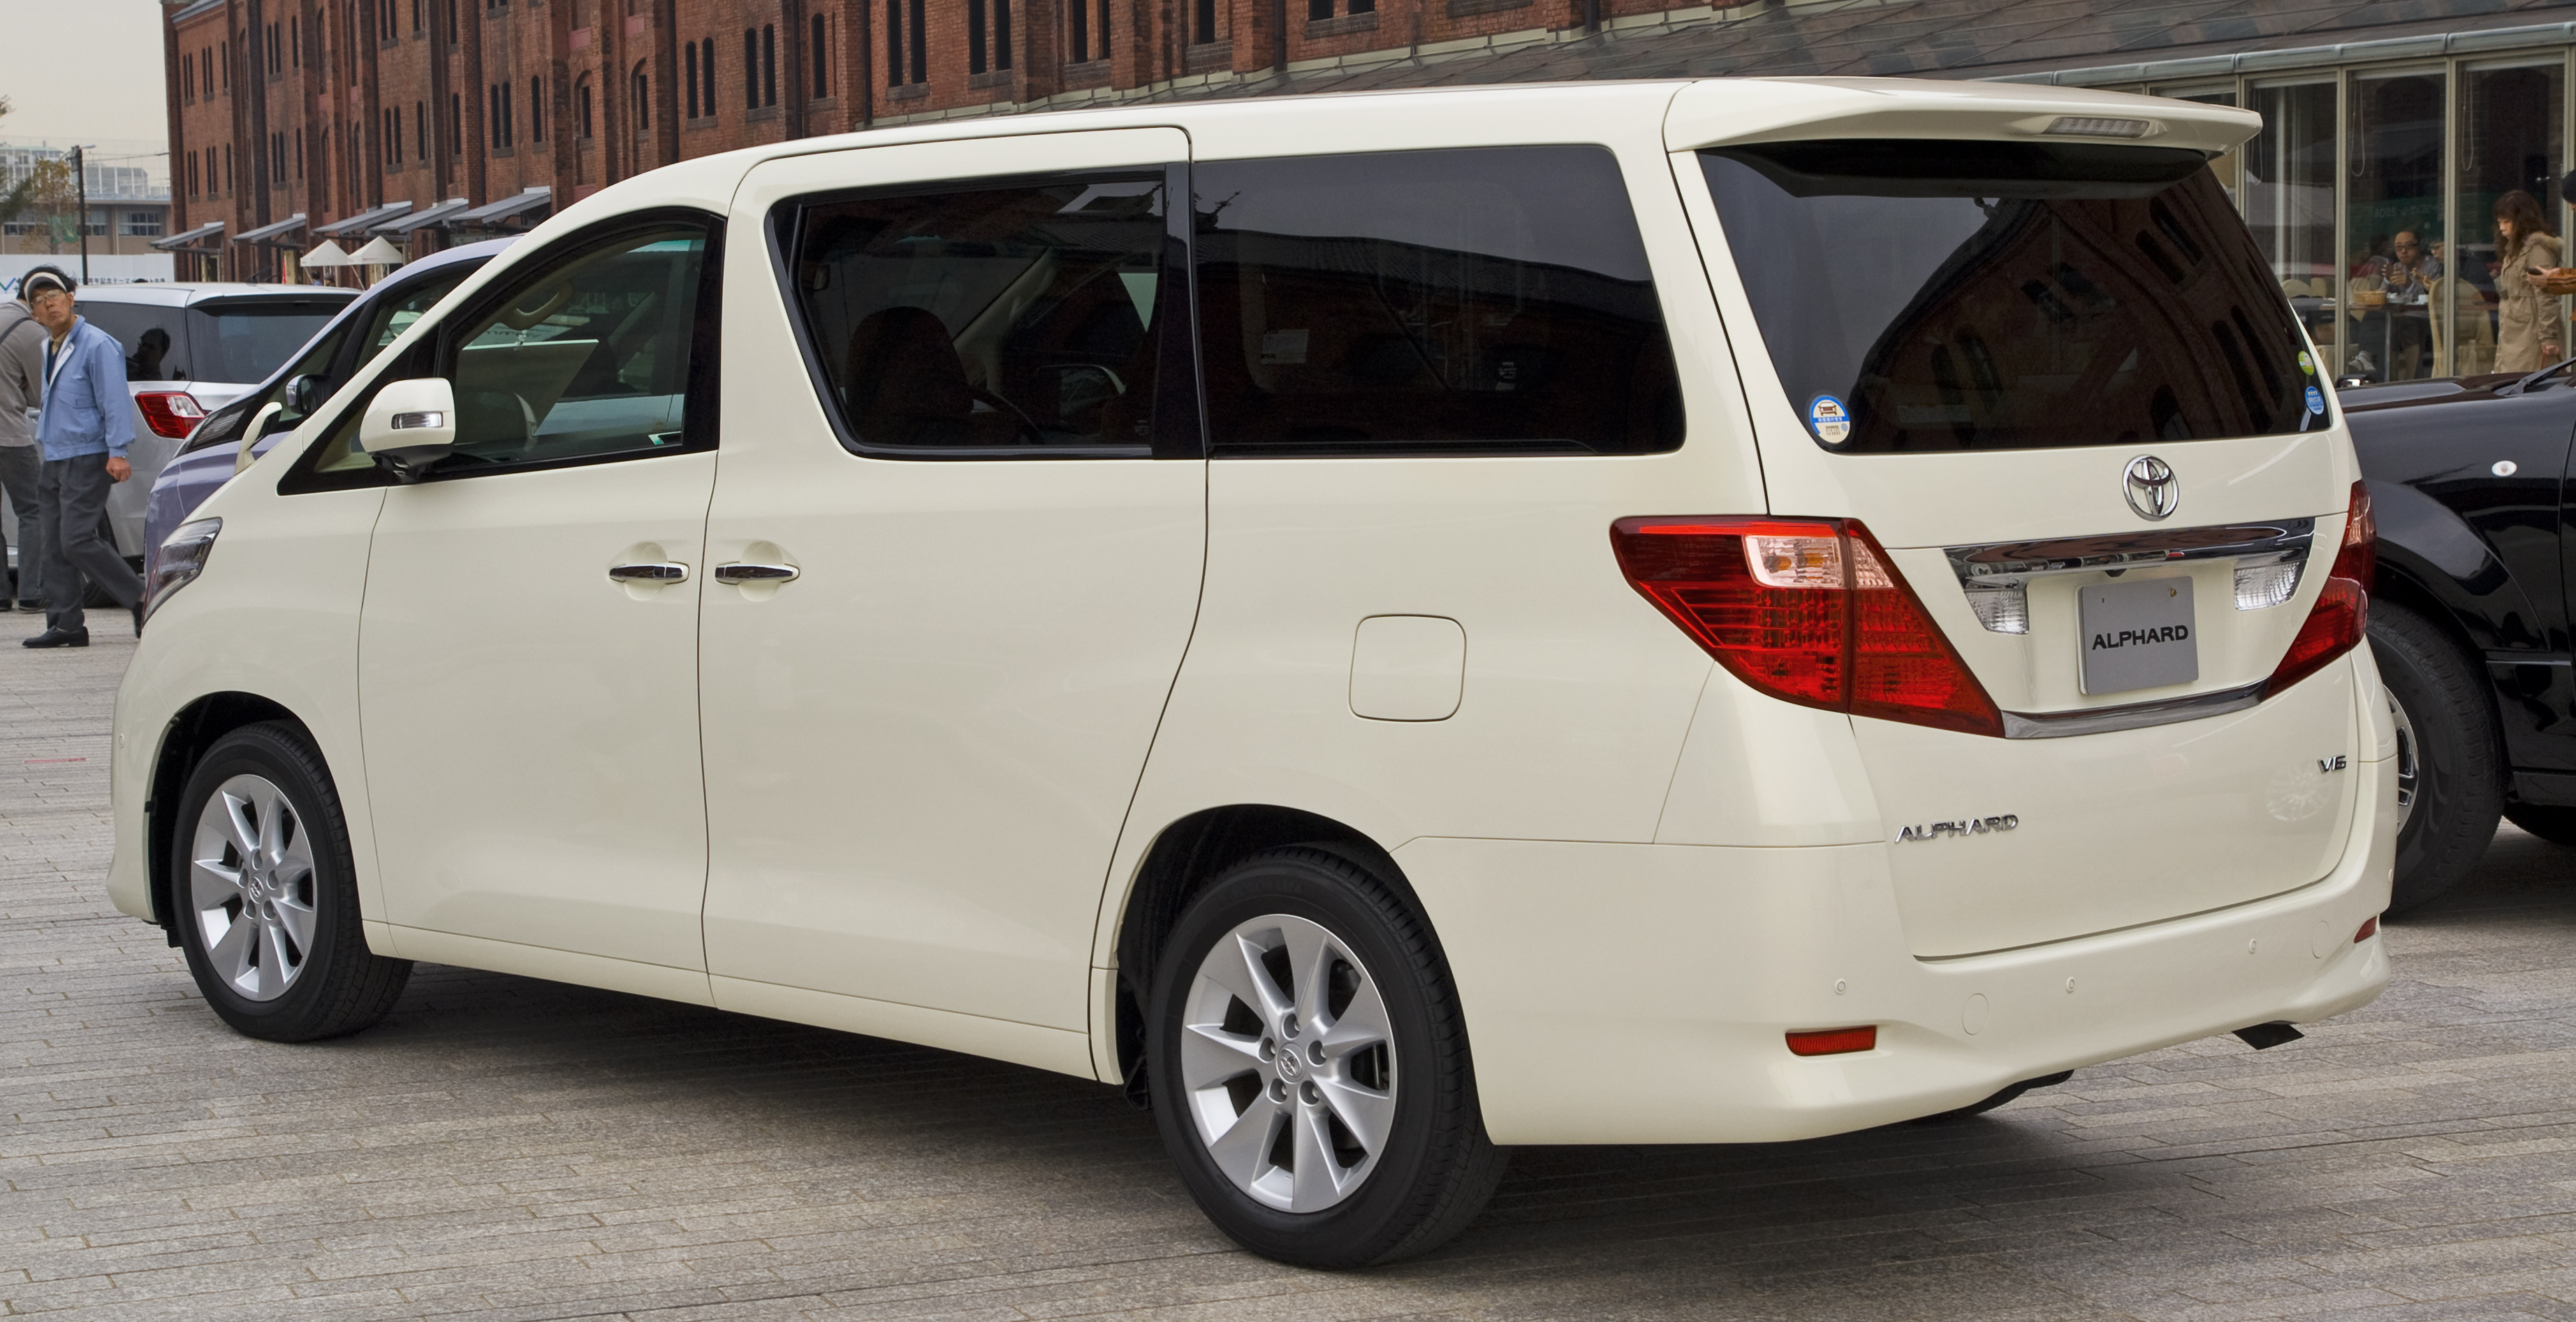 Kelebihan Toyota Alphard 2008 Perbandingan Harga